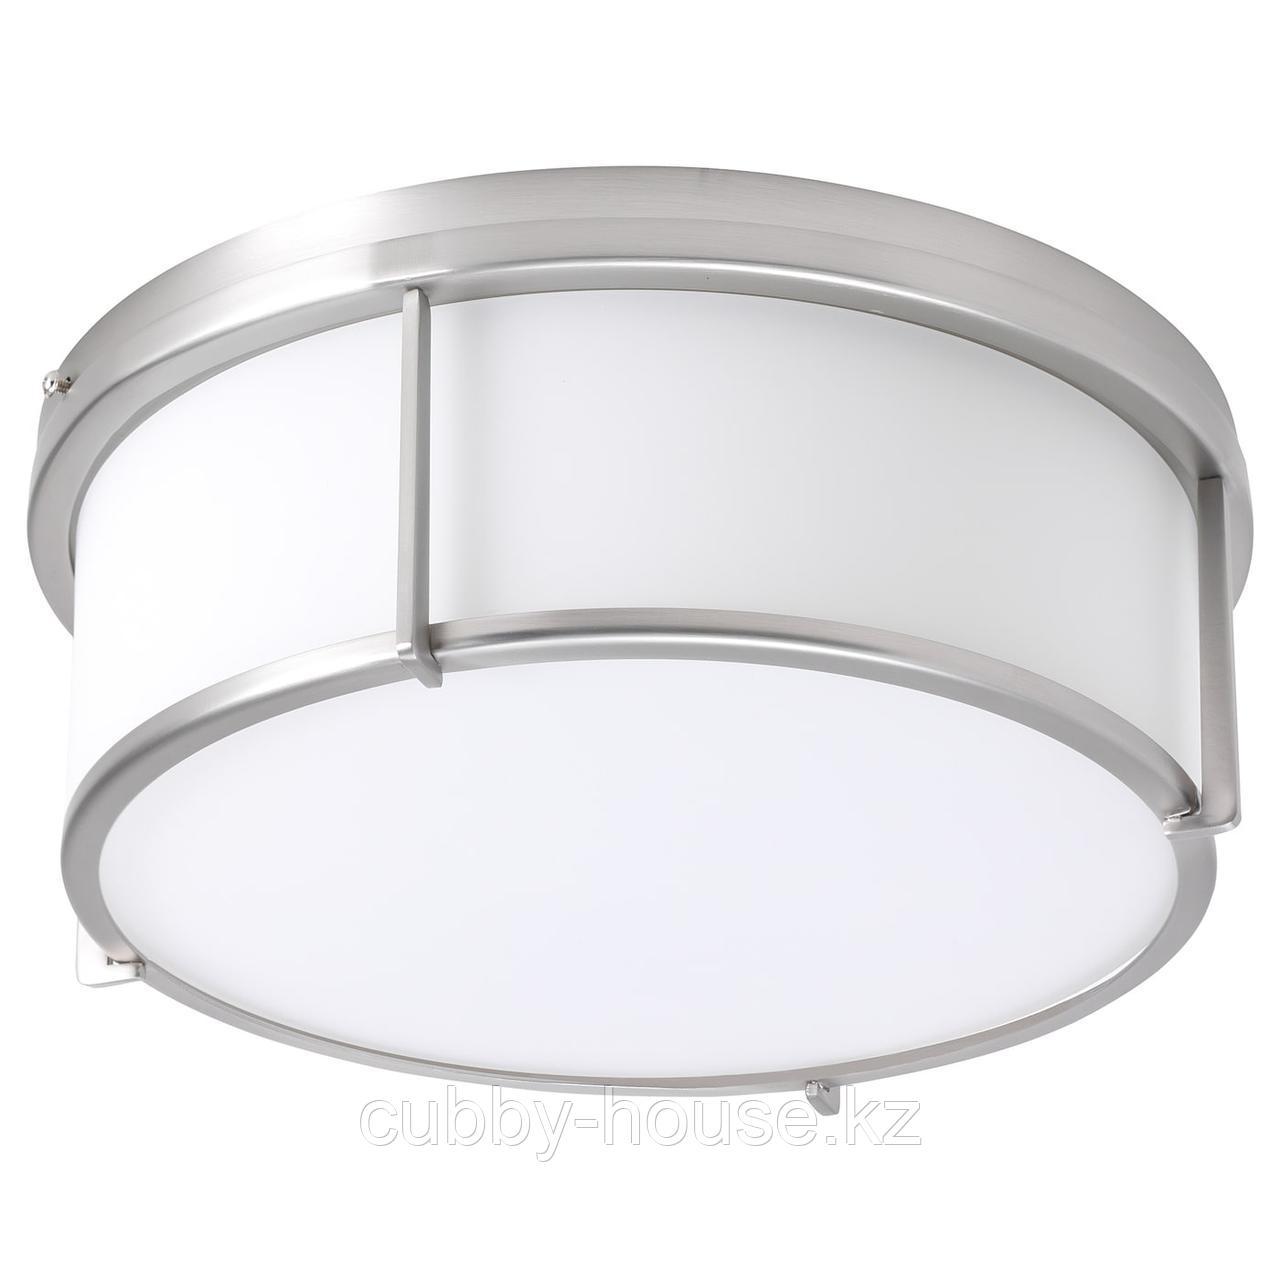 КАТТАРП Потолочный светильник, стекло никелированный